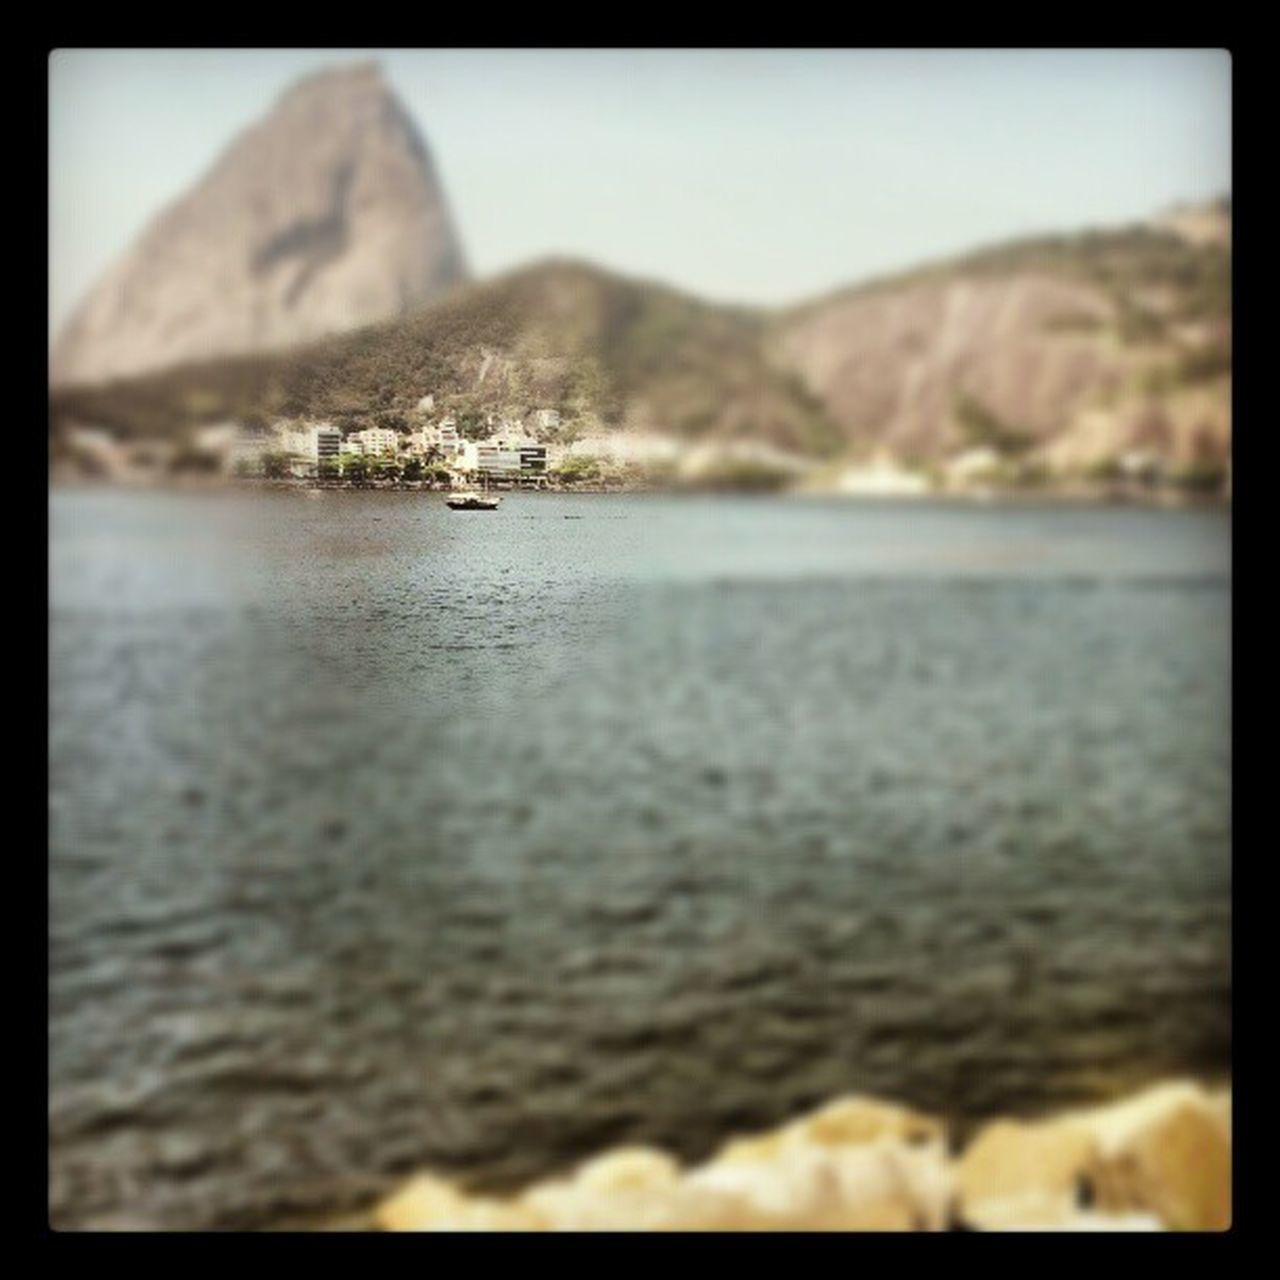 Aterro Flamengo Riodejaneiro Beach